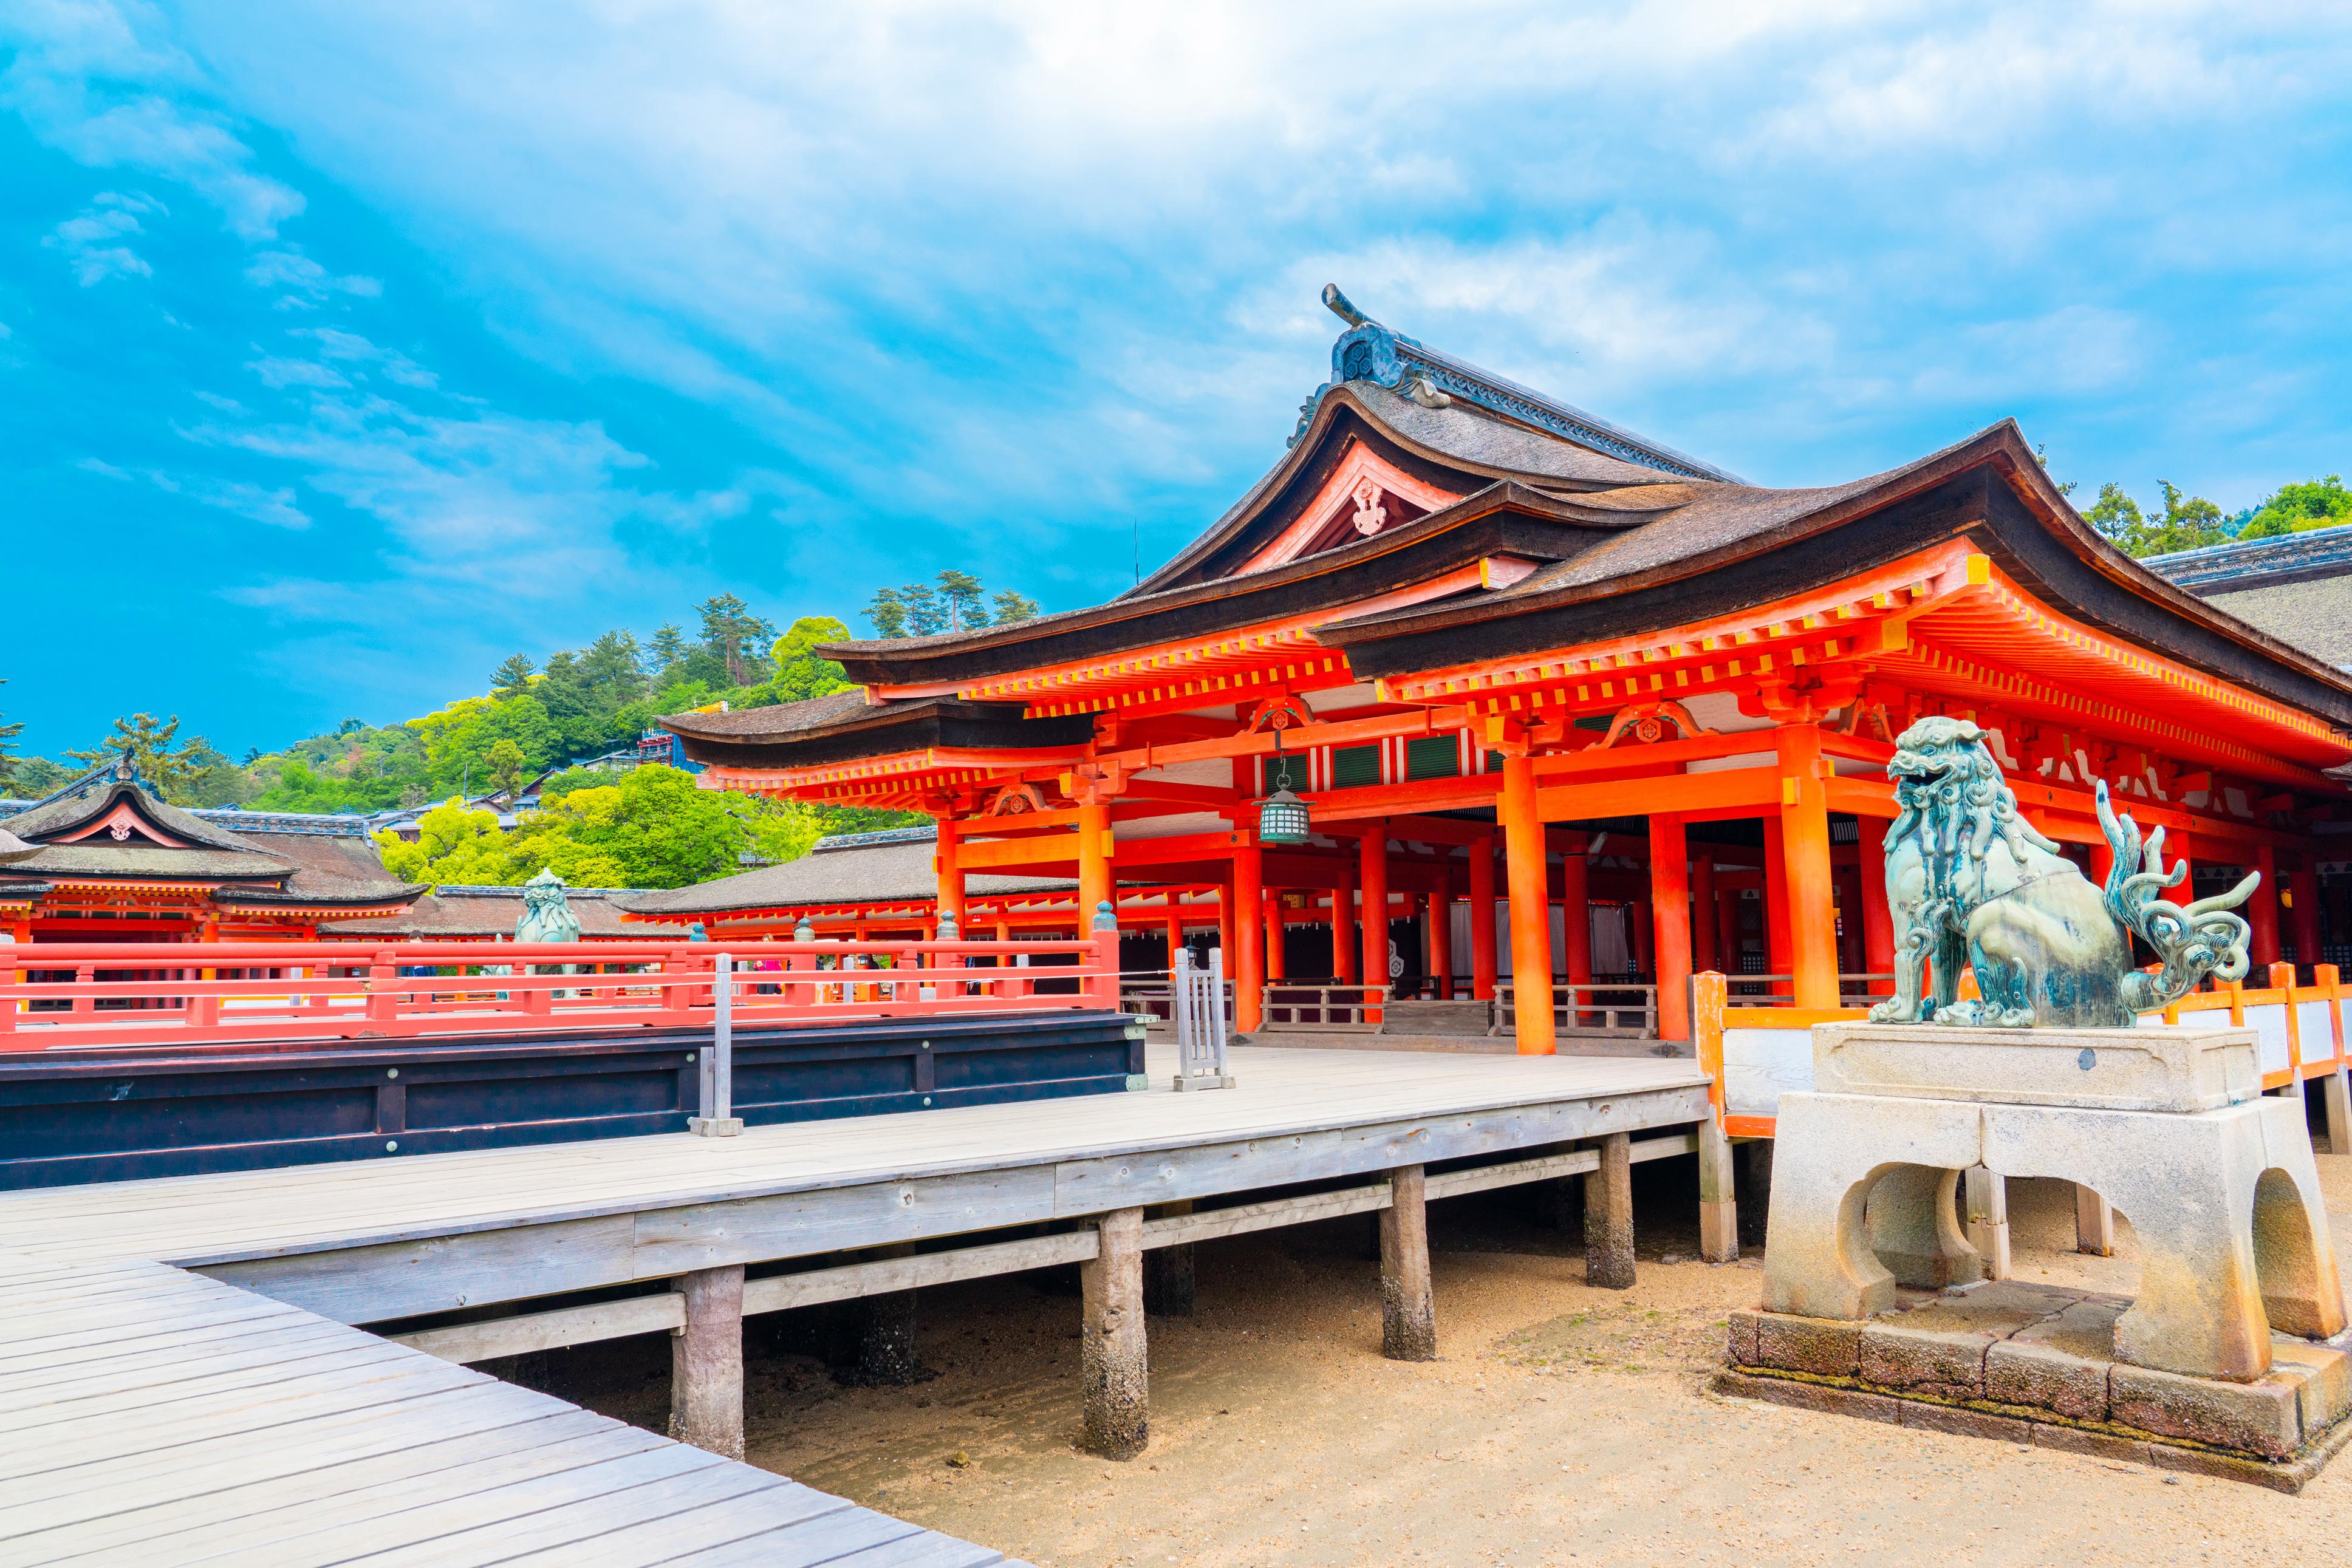 Hiroshima / Itsukushima shrine